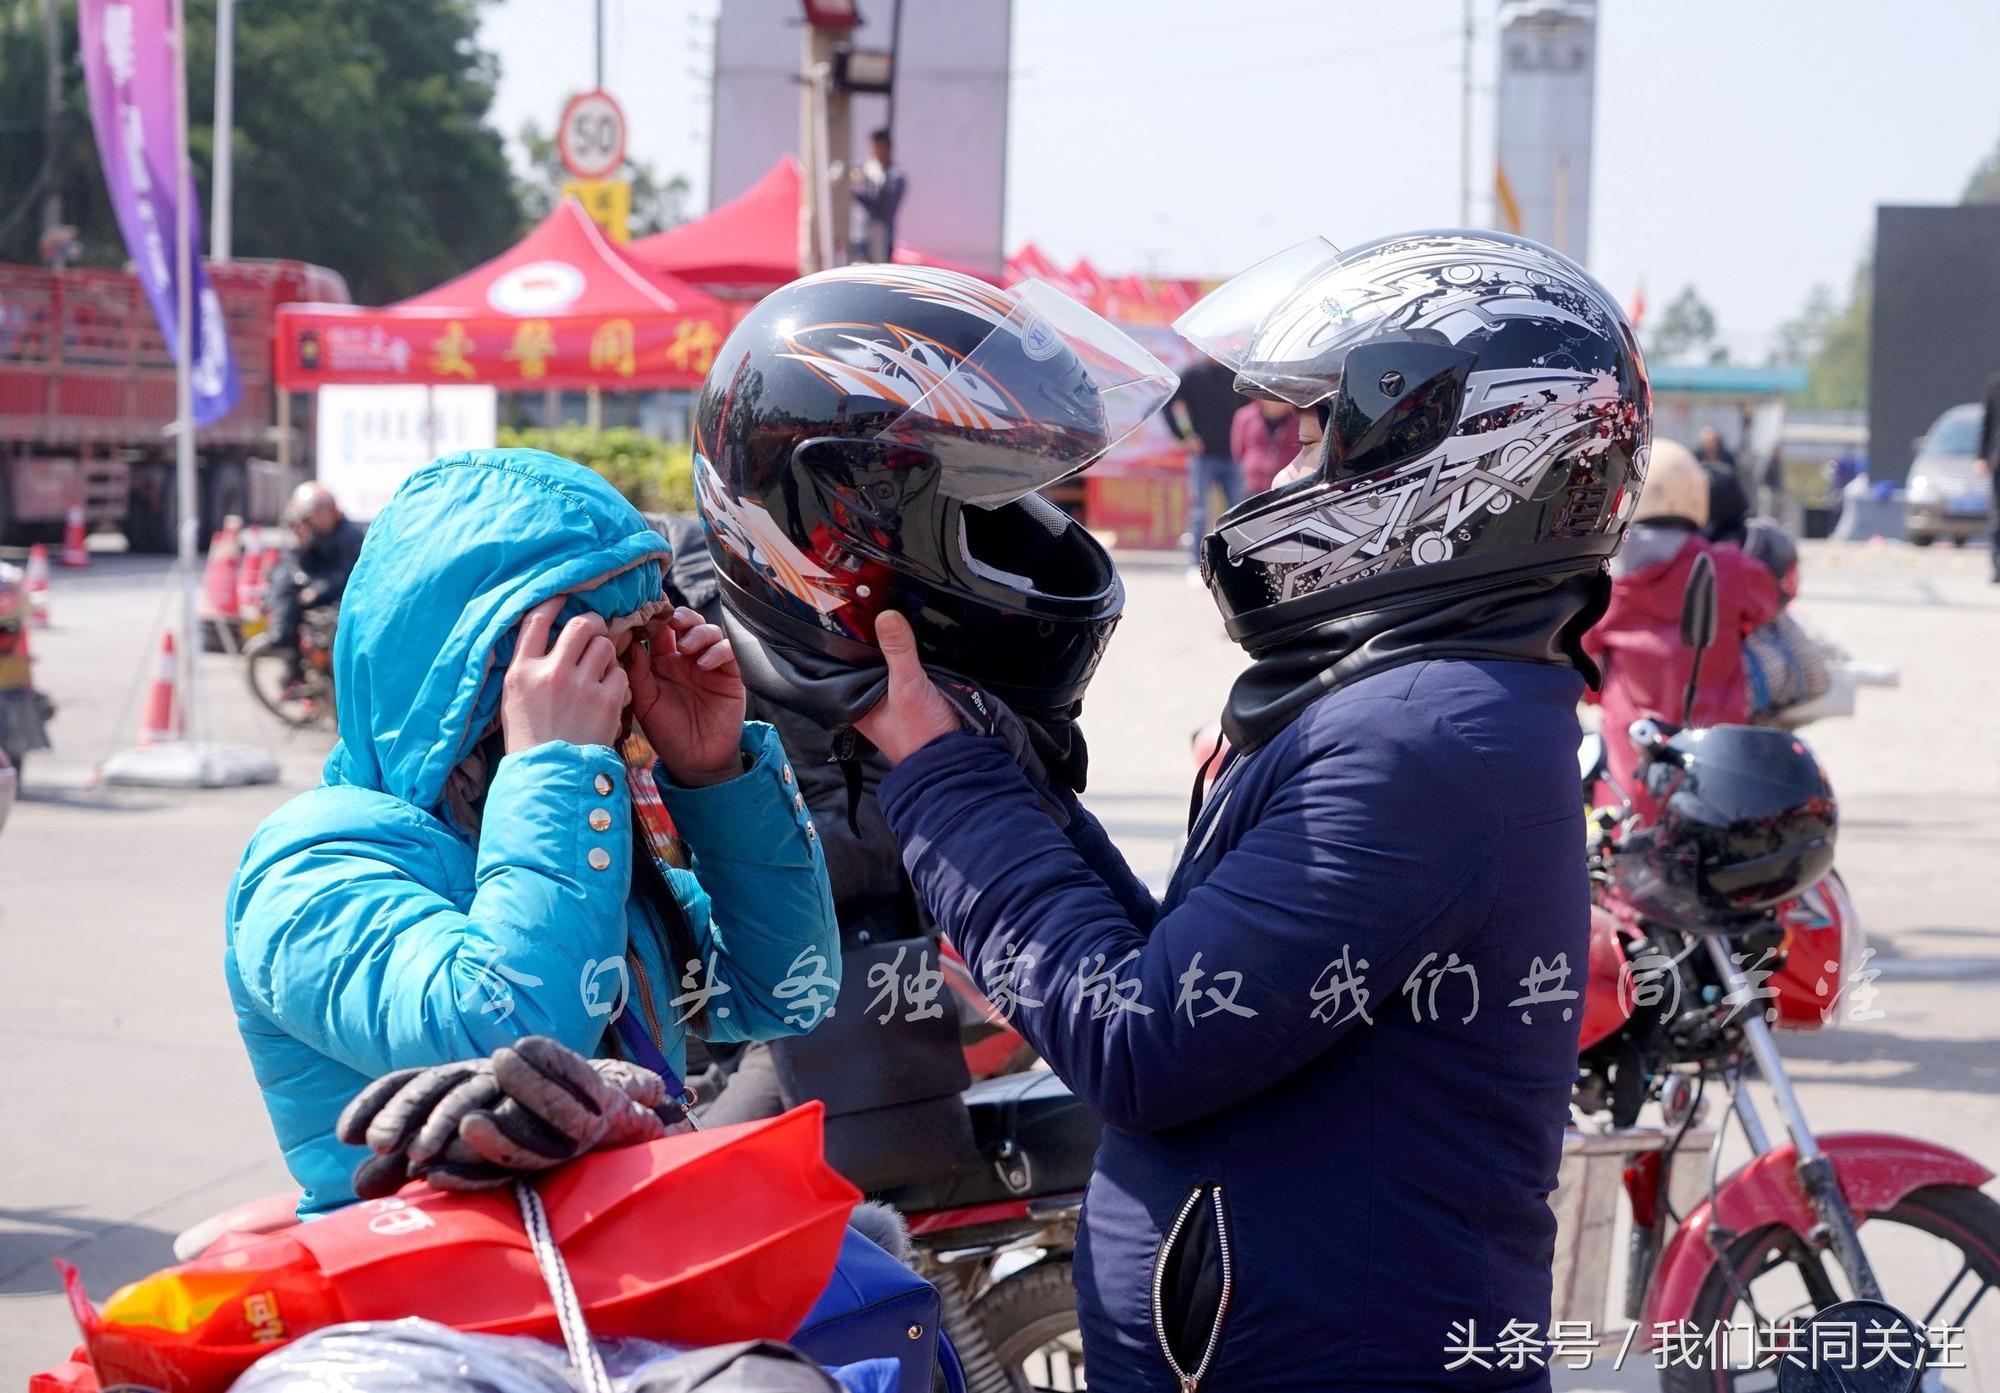 Ngán ngẩm cảnh đông đúc tại nhà xe bến tàu, hàng chục nghìn người Trung Quốc phượt trăm km về quê ăn Tết - Ảnh 6.